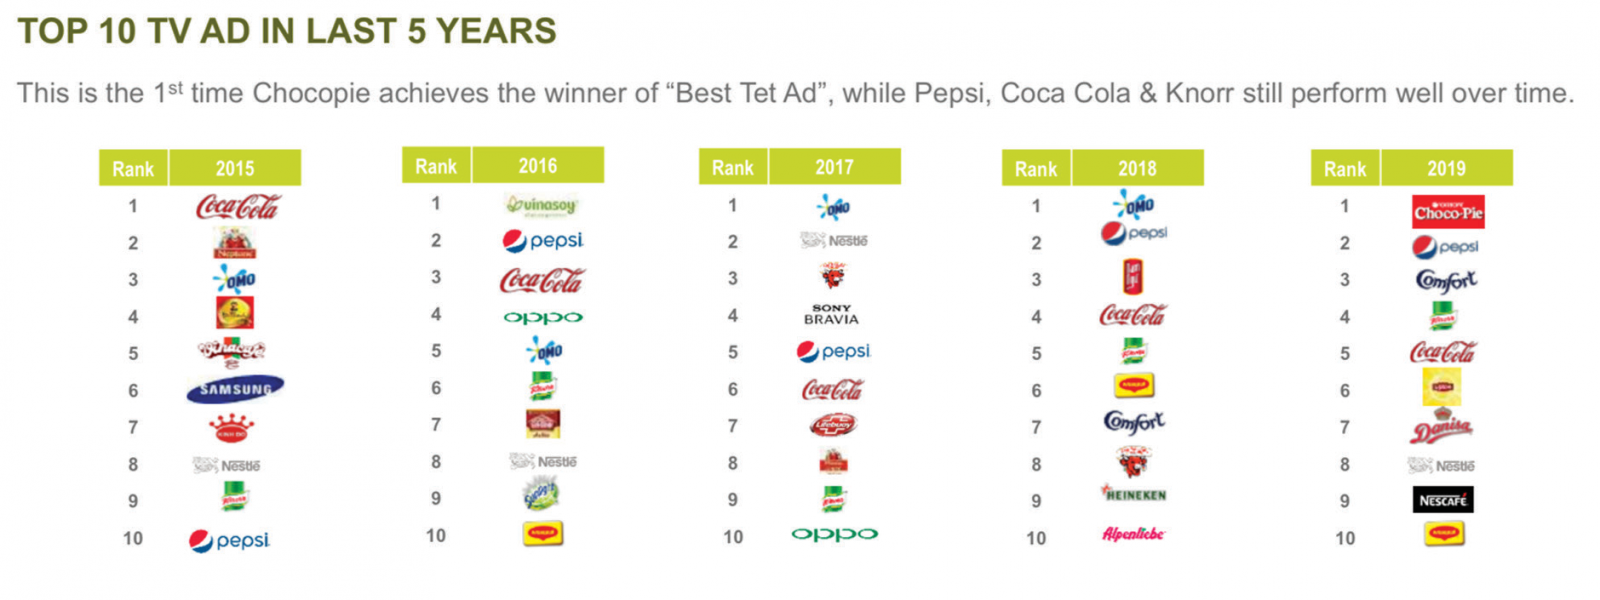 Bảng xếp hạng 10 quảng cáo tốt nhất trên TV qua các năm